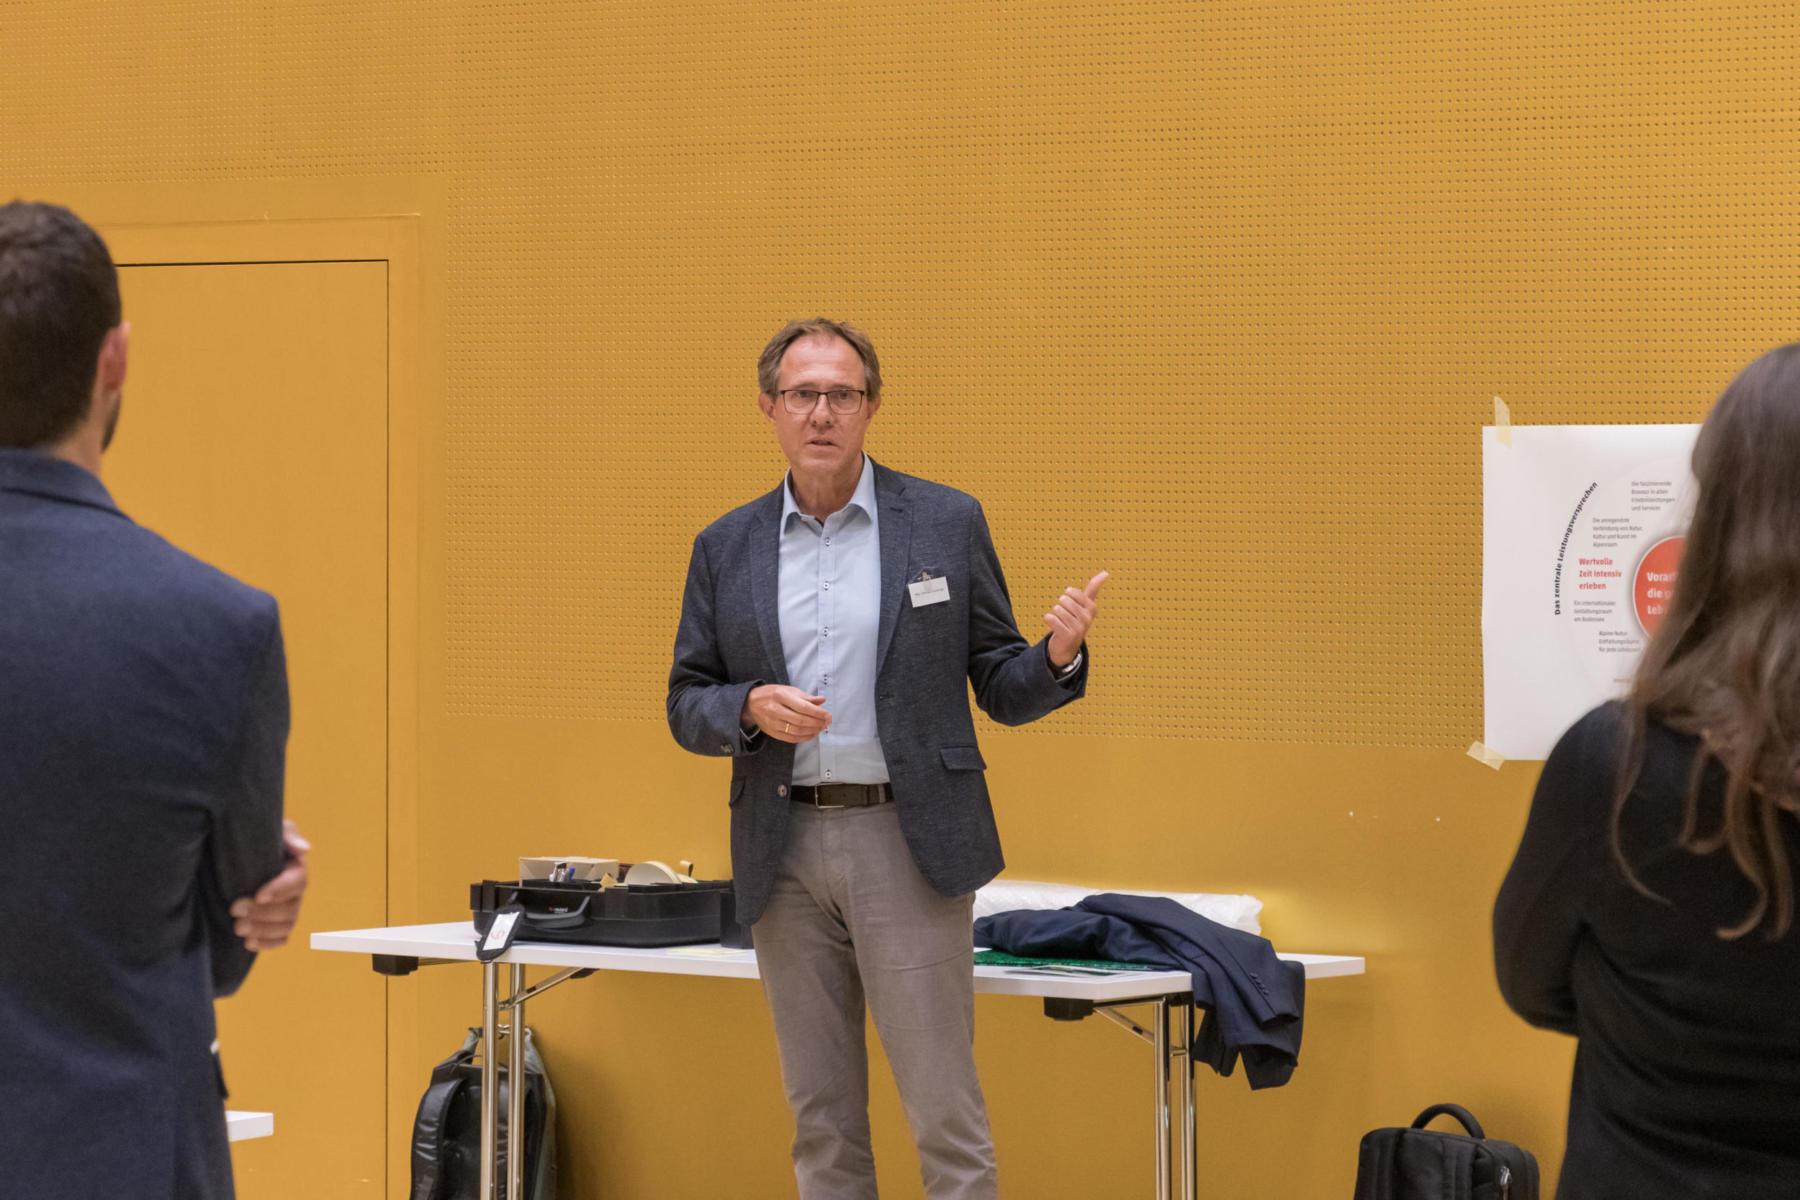 """Panograf 20210701 157 1800x1200 - Visionstag der Vorarlberger Tourismus-Branche: """"Tourismus neu denken"""""""